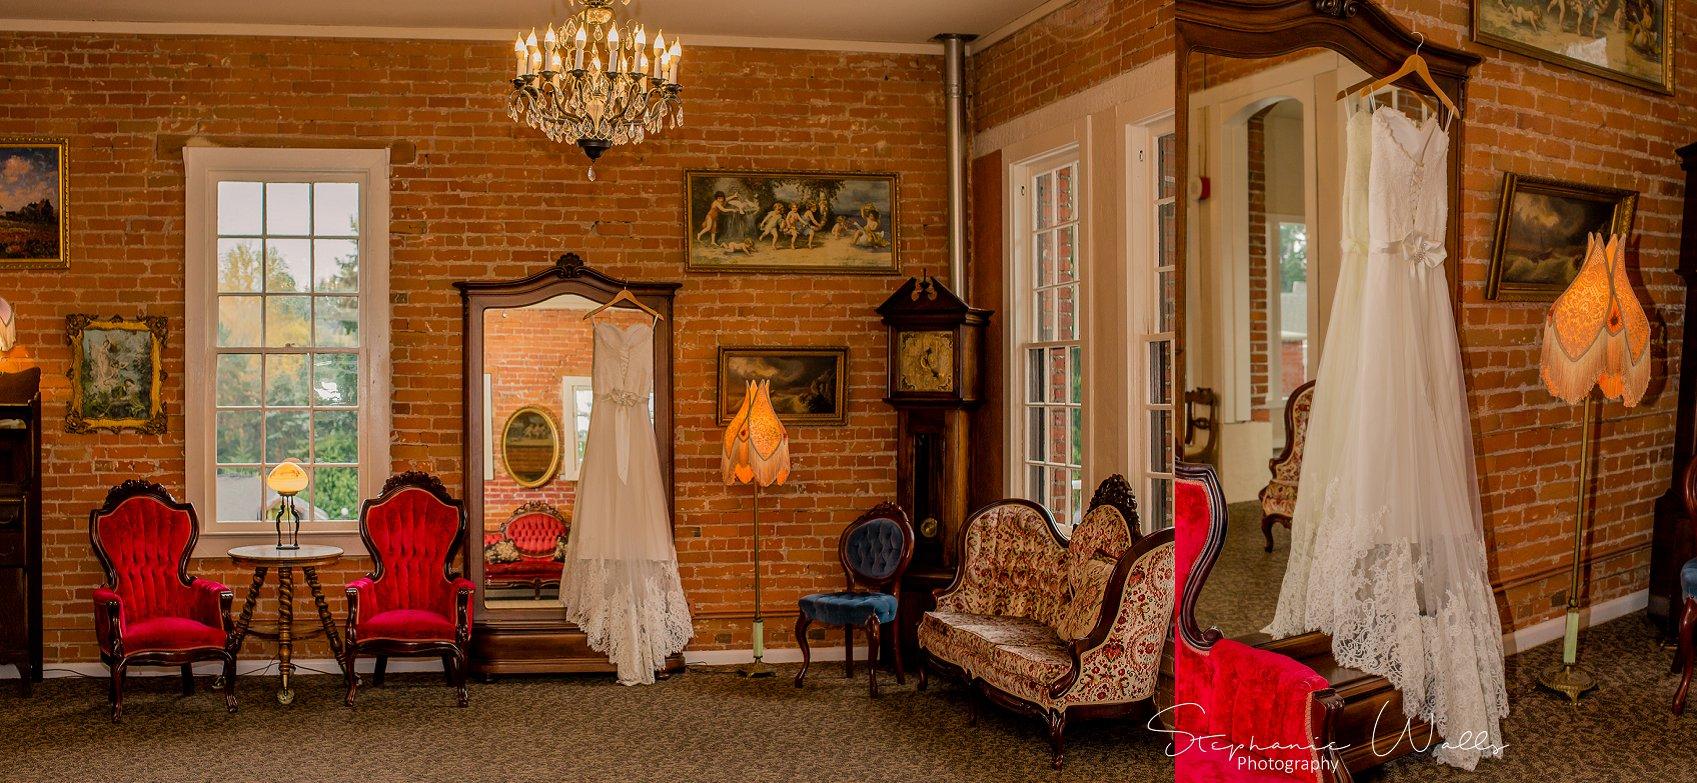 Olson Details 062 KK & Zack   Hollywood Schoolhouse Wedding   Woodinville, Wa Wedding Photographer